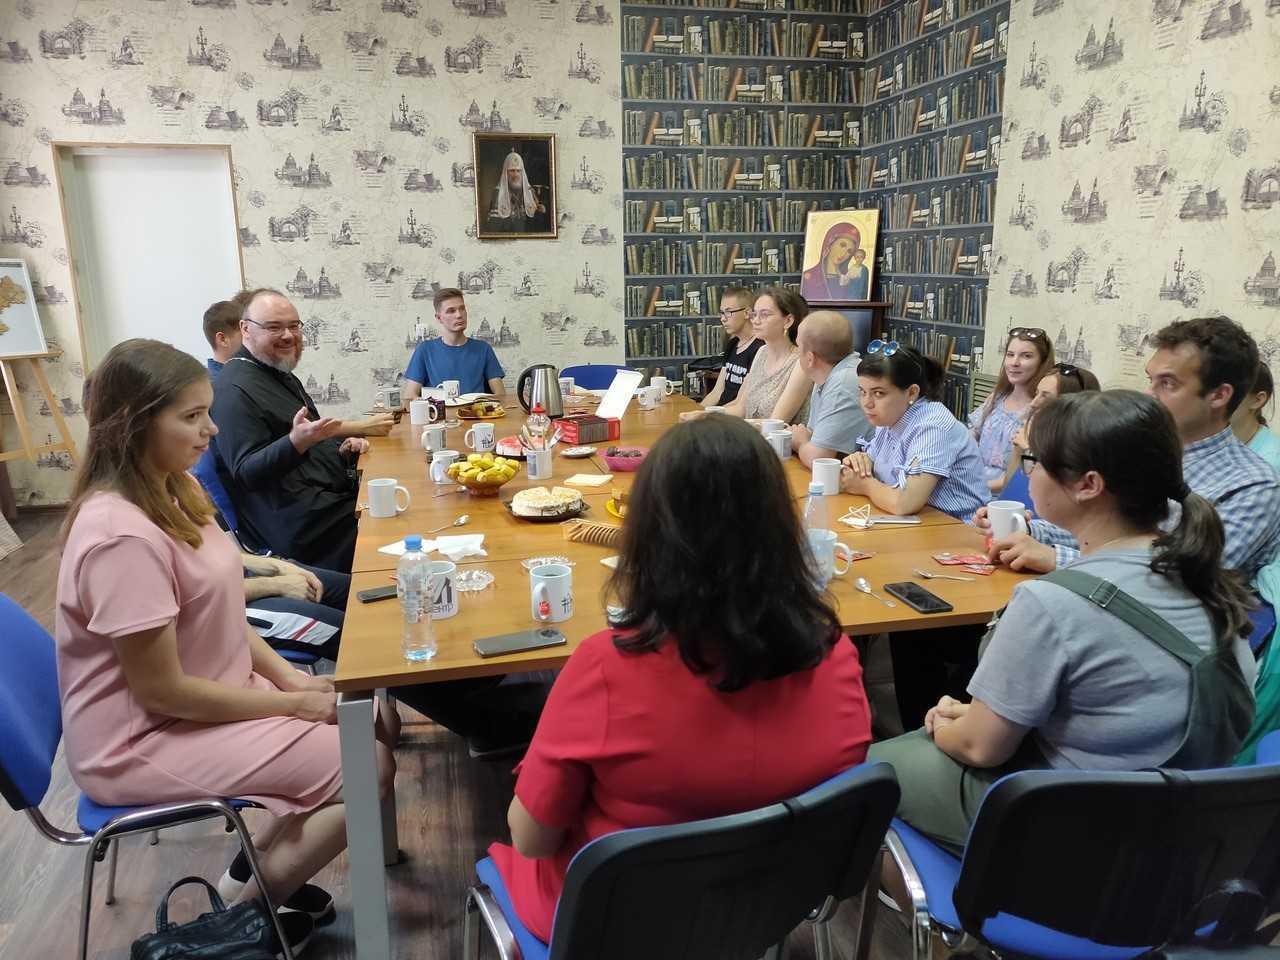 Симбирская православная молодежь начинает занятия по изучению Священного Писания